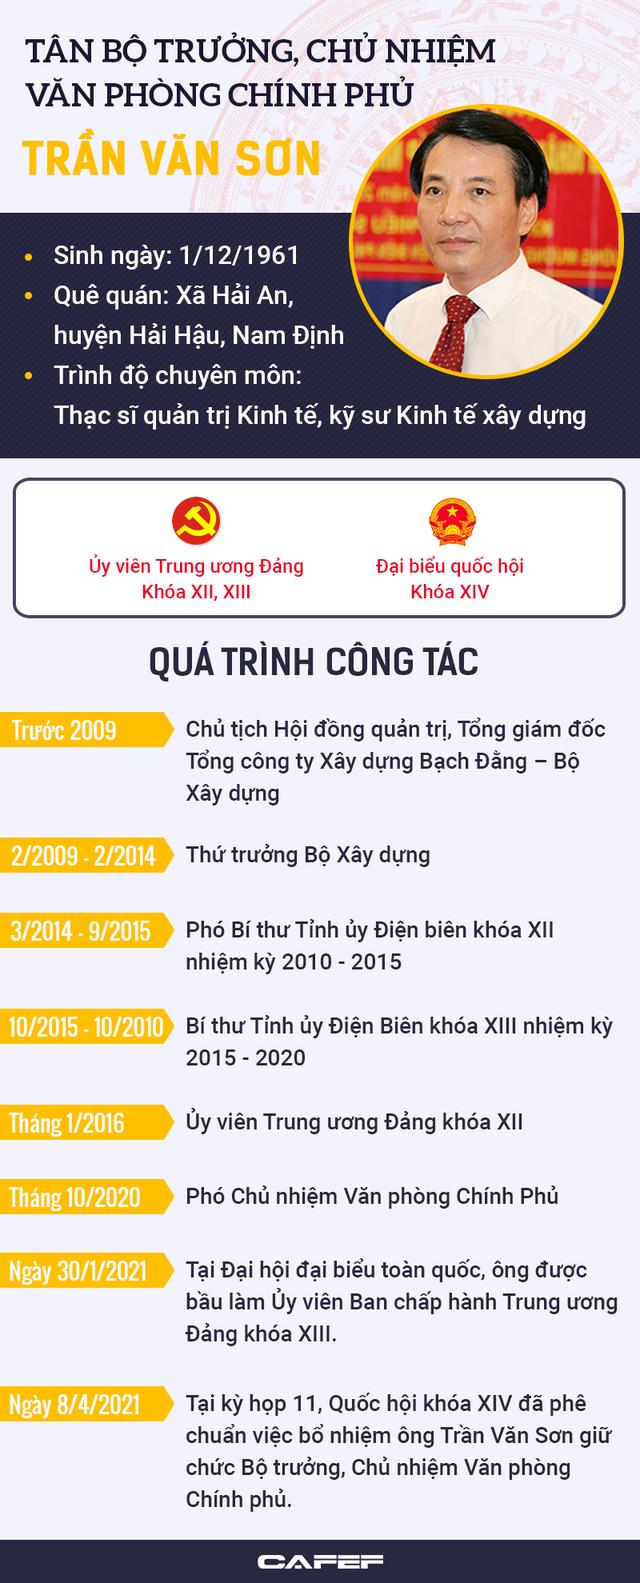 Infographic: Chân dung tân Bộ trưởng, Chủ nhiệm Văn phòng Chính phủ Trần Văn Sơn - Ảnh 1.